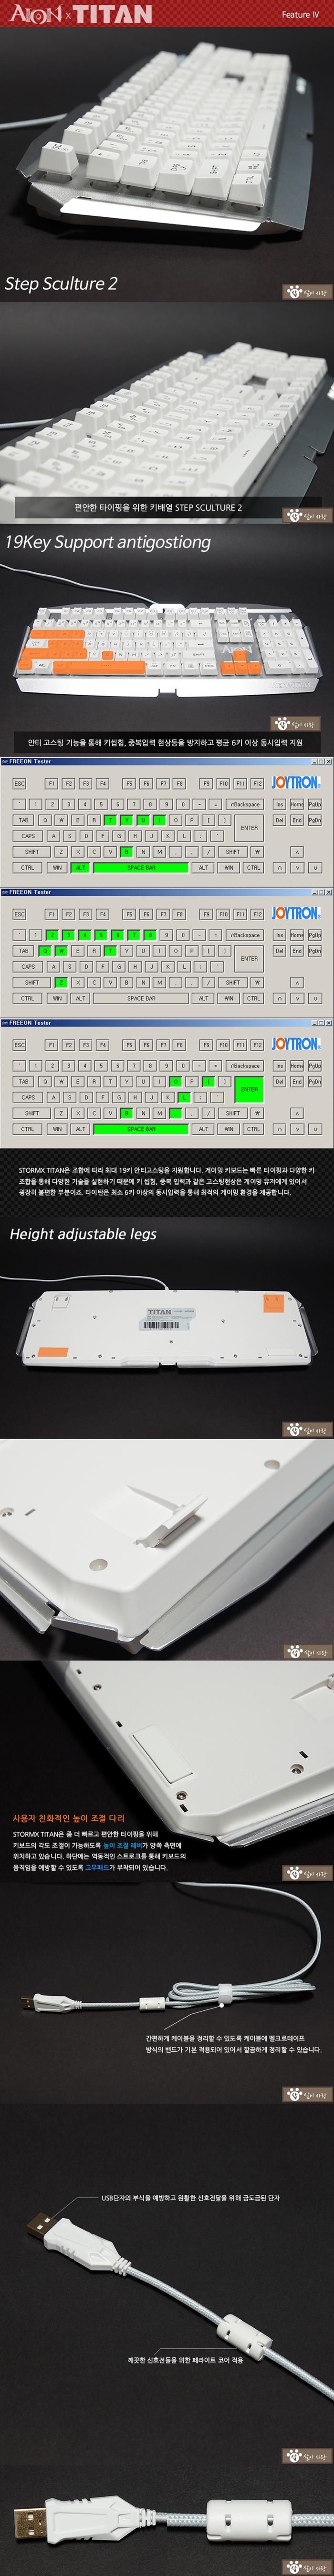 제닉스 특징4 STORMX TITAN 아이온 스폐셜 에디션 .jpg